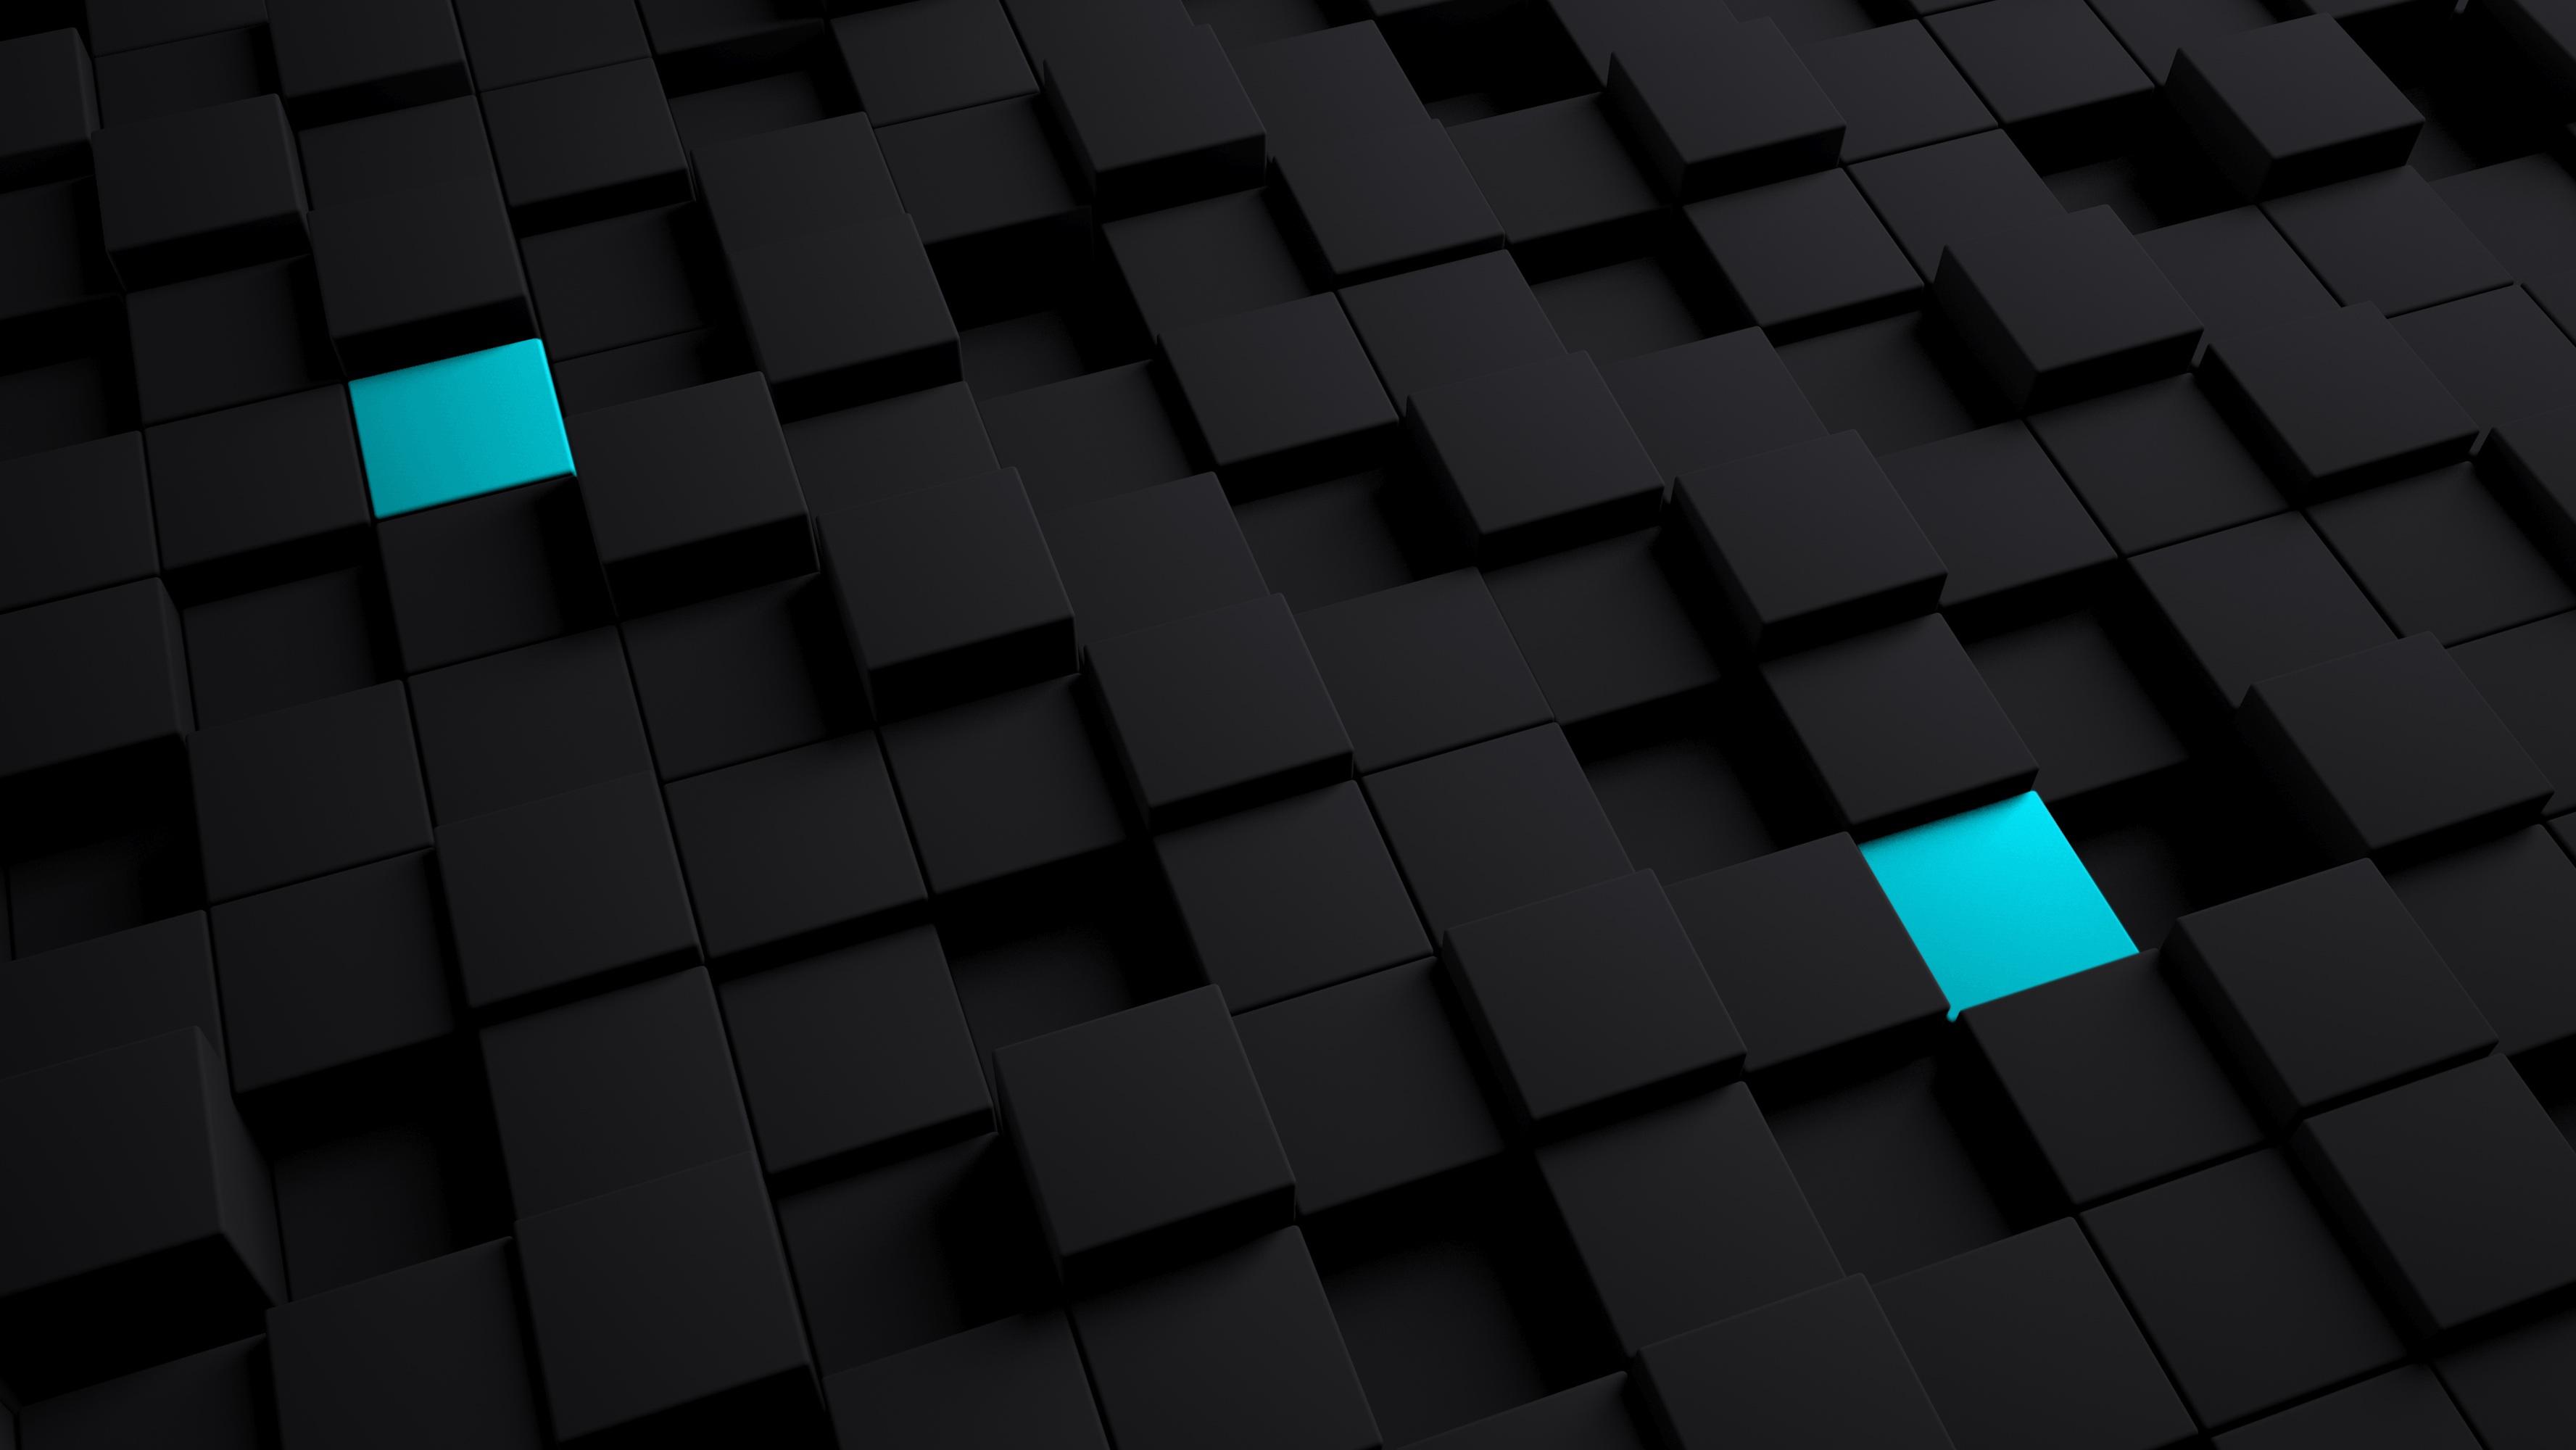 Wallpaper Cubes, Structure, Black, Blue